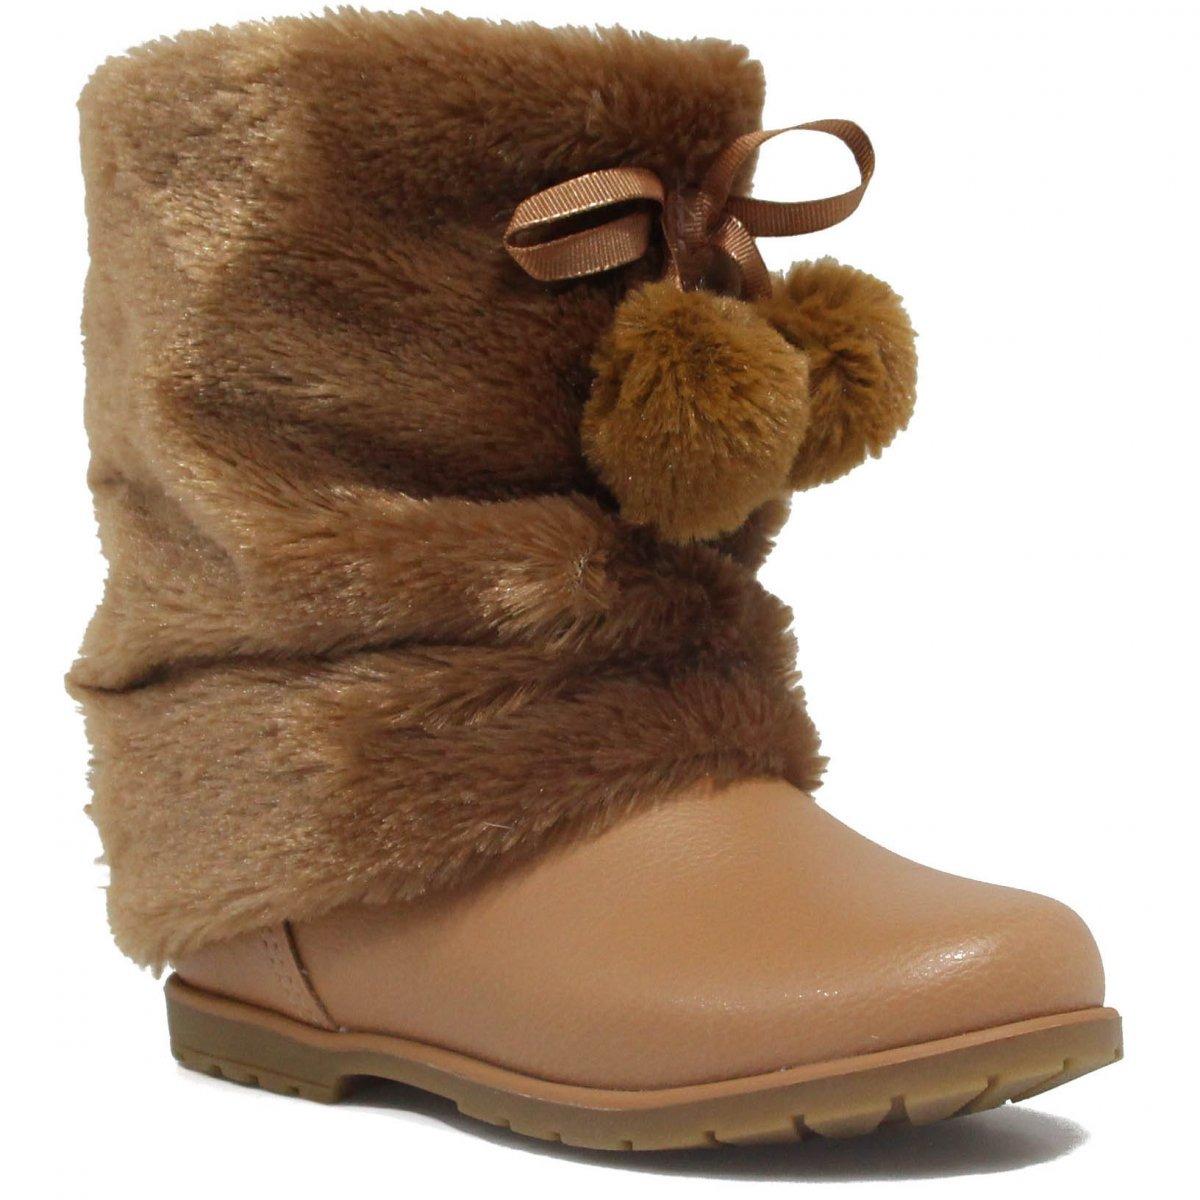 c5adfb09 bota feminina infantil pampili pêlo zíper | betisa. Carregando zoom.